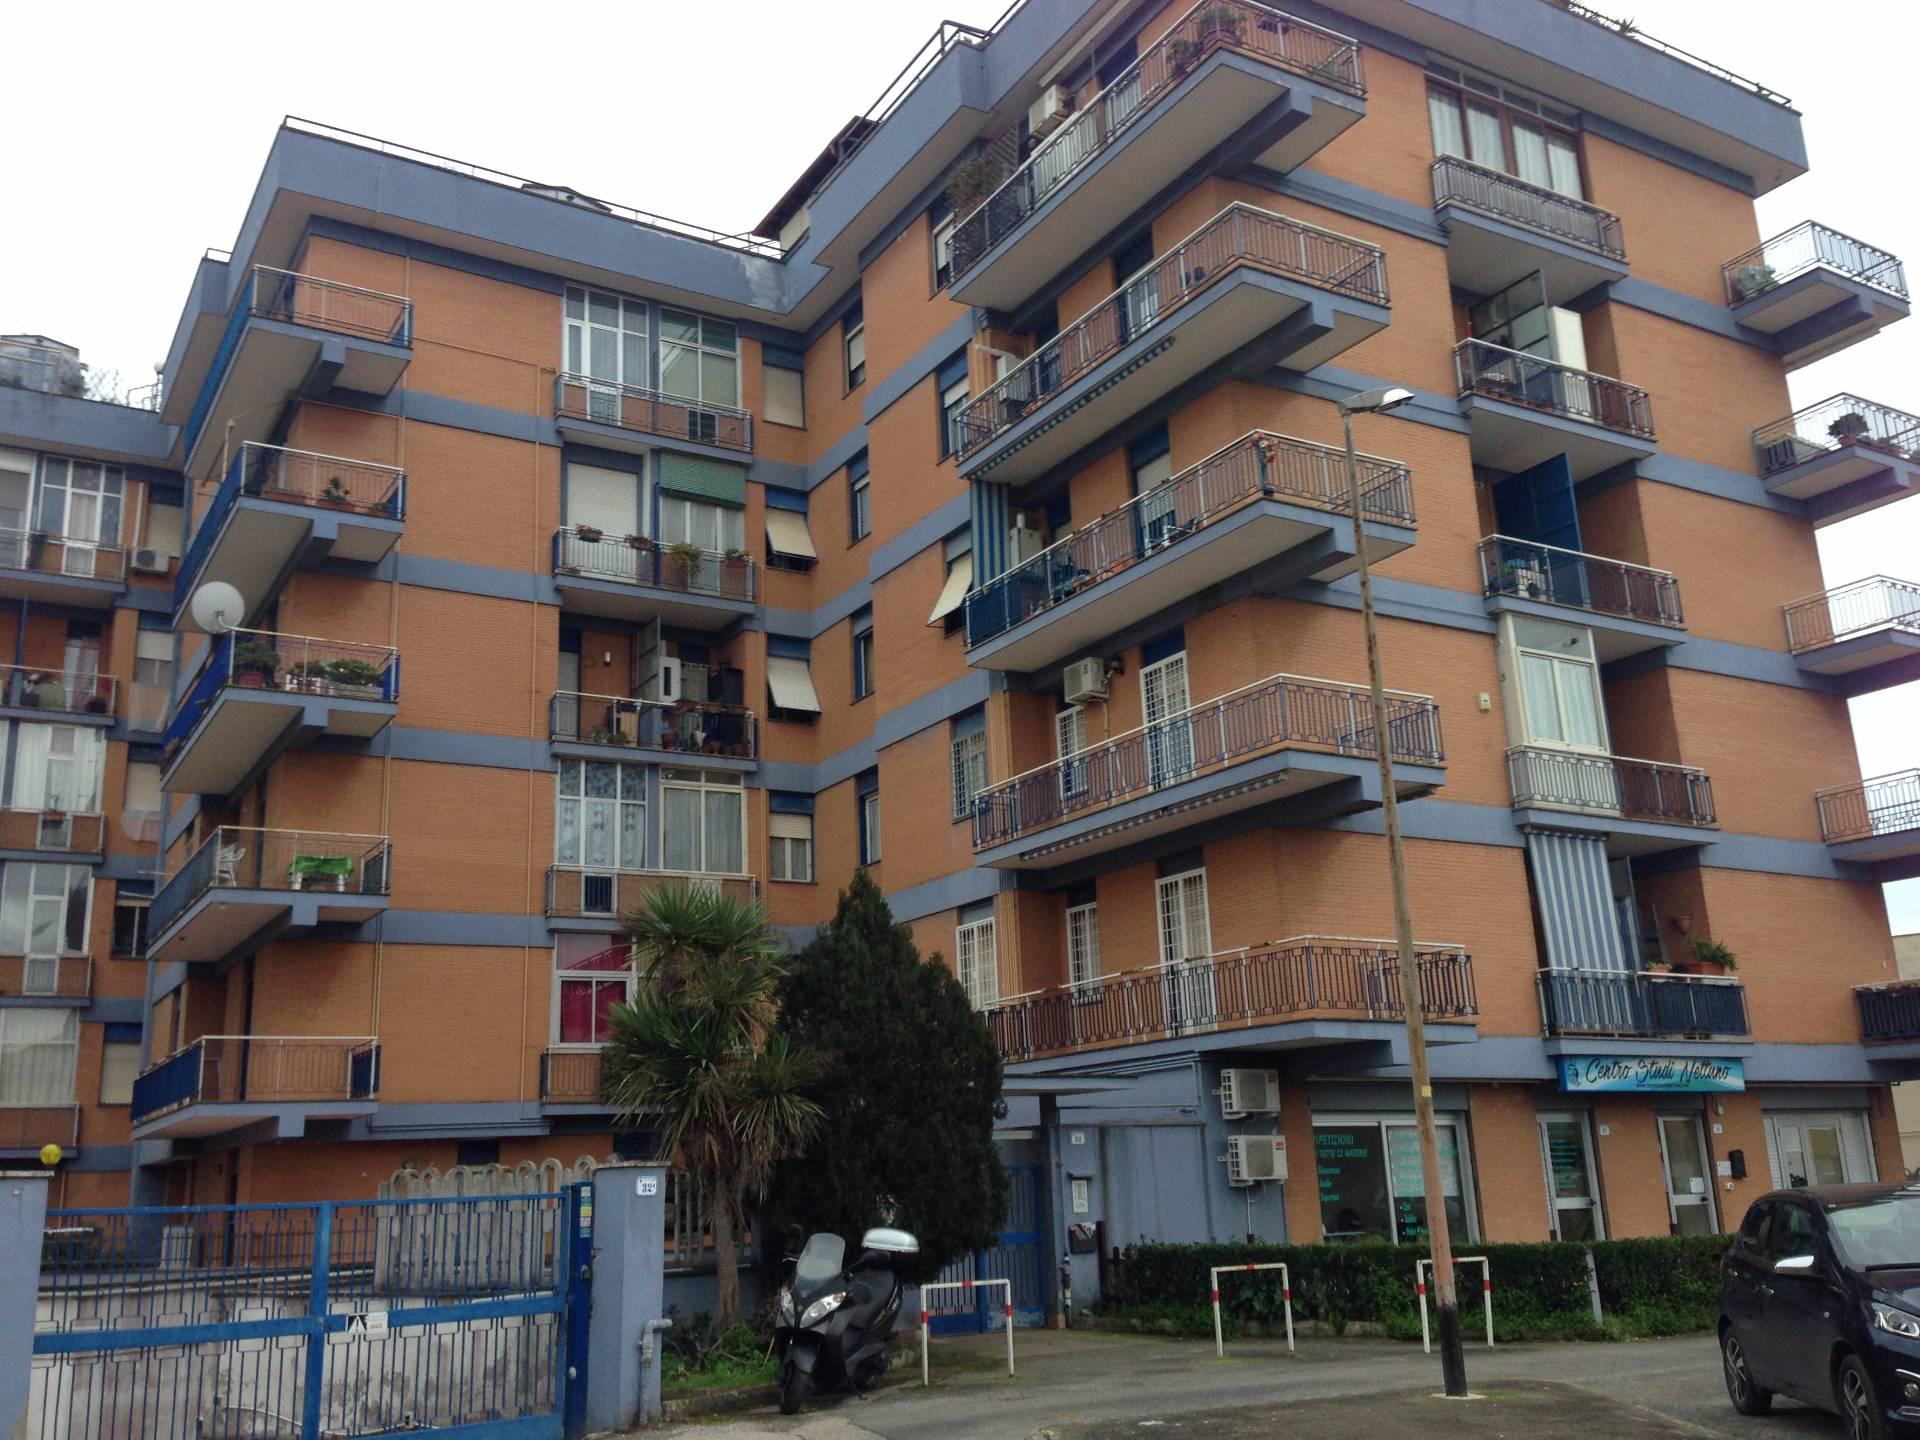 Appartamento in affitto a Nettuno, 4 locali, zona Zona: Poligono, prezzo € 500   Cambio Casa.it